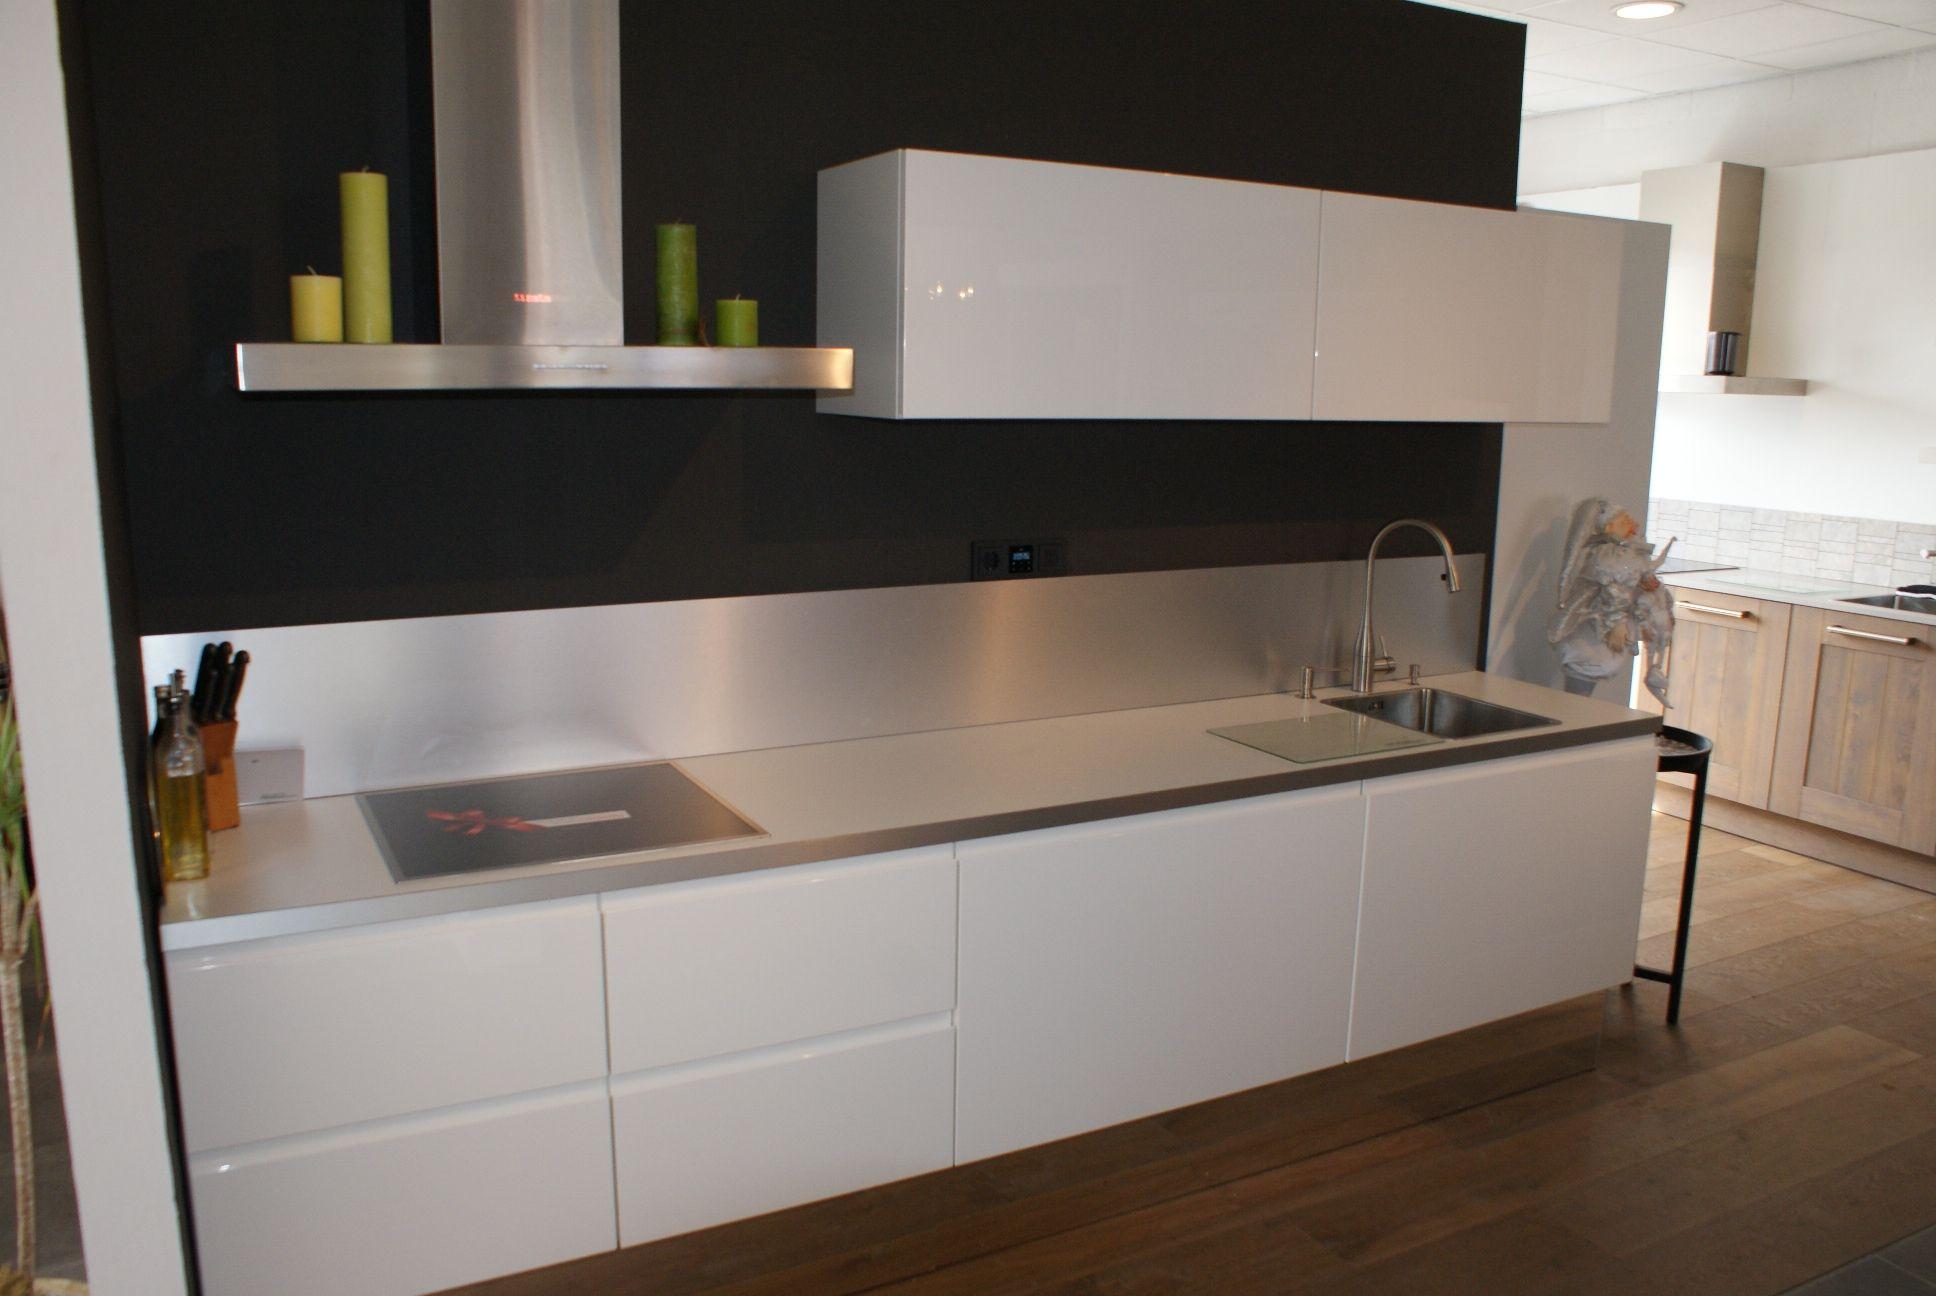 Keuken Greeploos Hoogglans Wit : keukens voor zeer lage keuken prijzen Select nieuw greeploos [50086